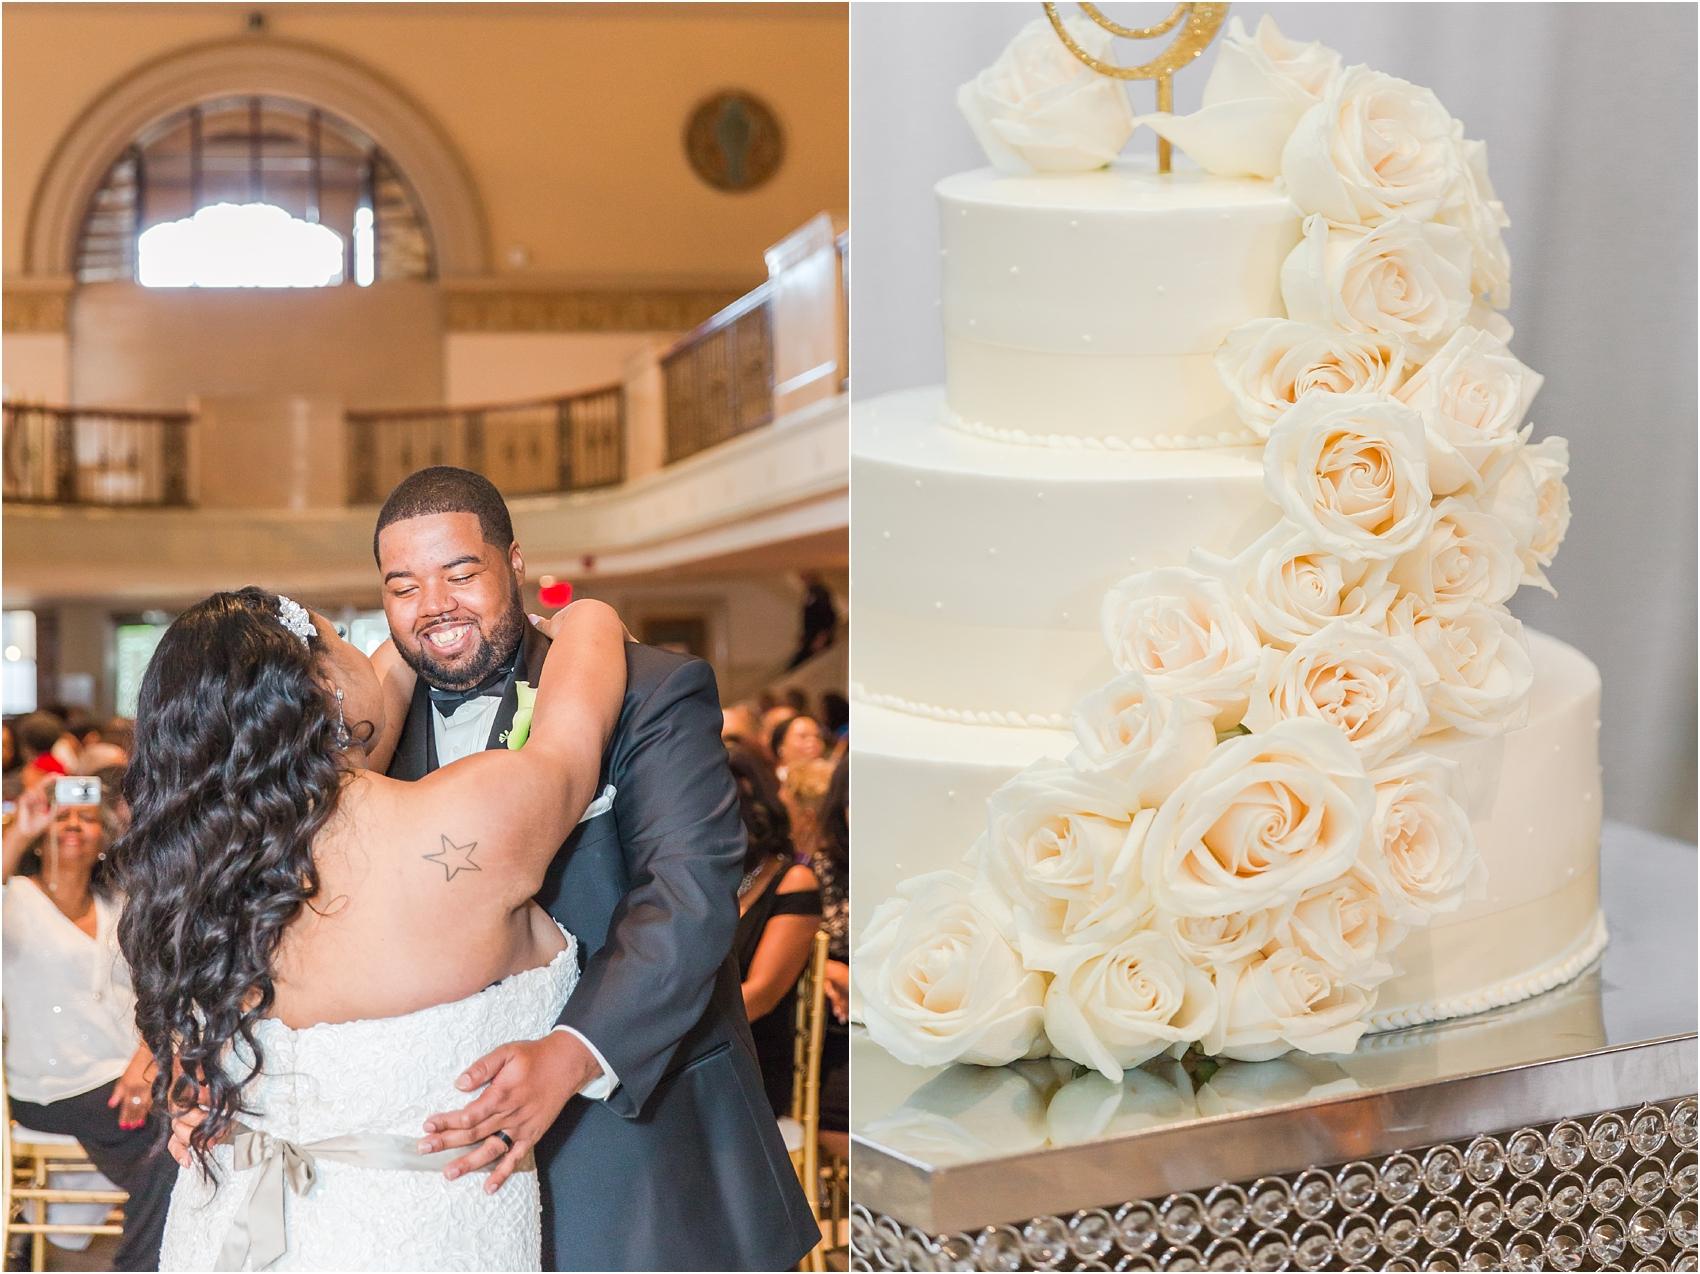 minimalist-and-modern-wedding-photos-at-30-north-saginaw-in-pontiac-michigan-by-courtney-carolyn-photography_0078.jpg